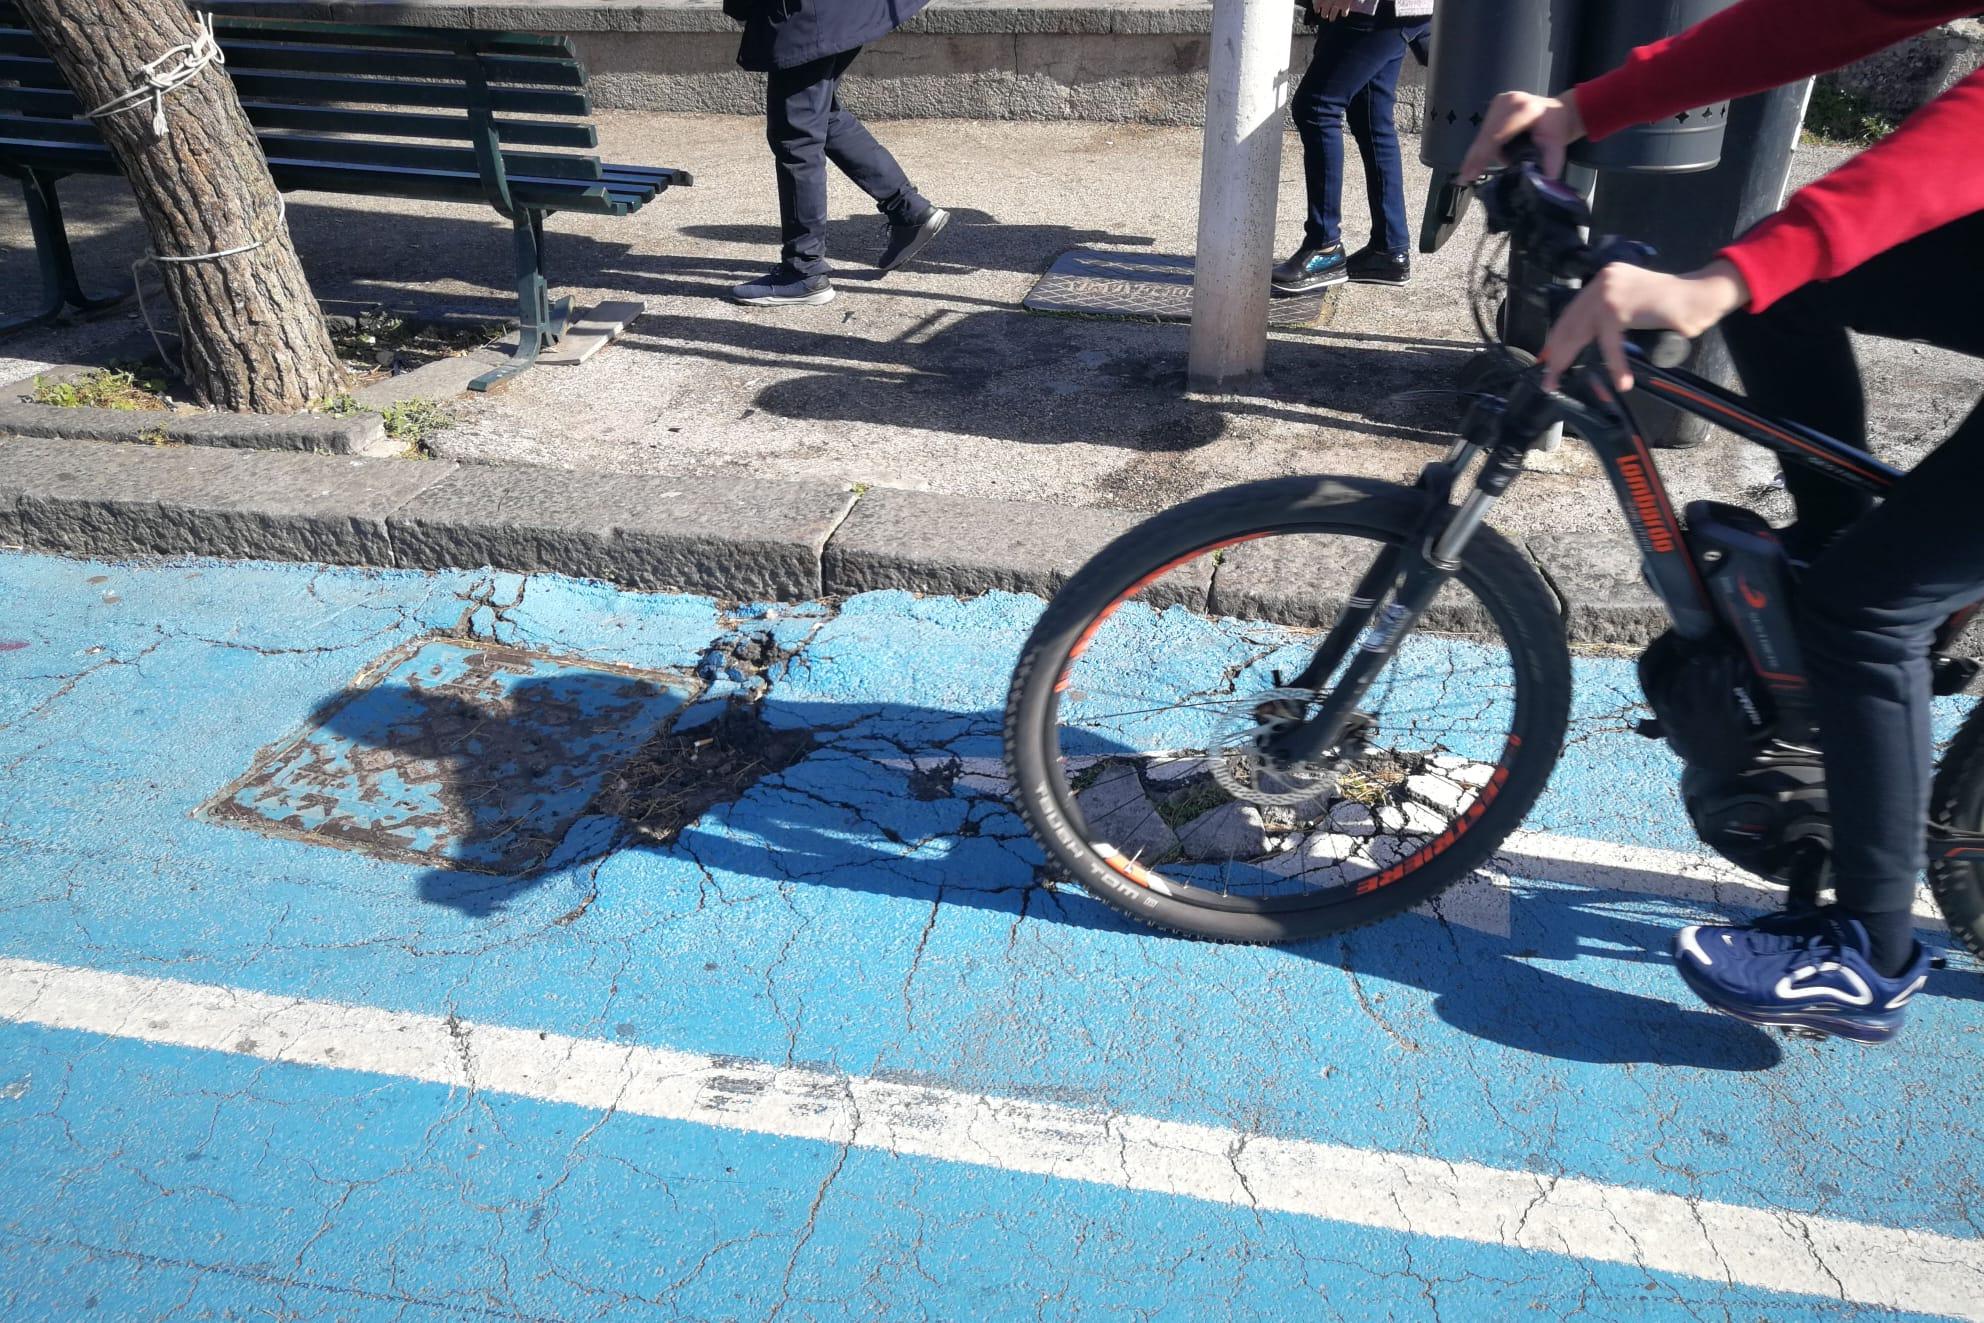 Buche, avvallamenti e rifiuti: il lungomare di Catania cade a pezzi. La richiesta del consigliere Cardello – Le FOTO